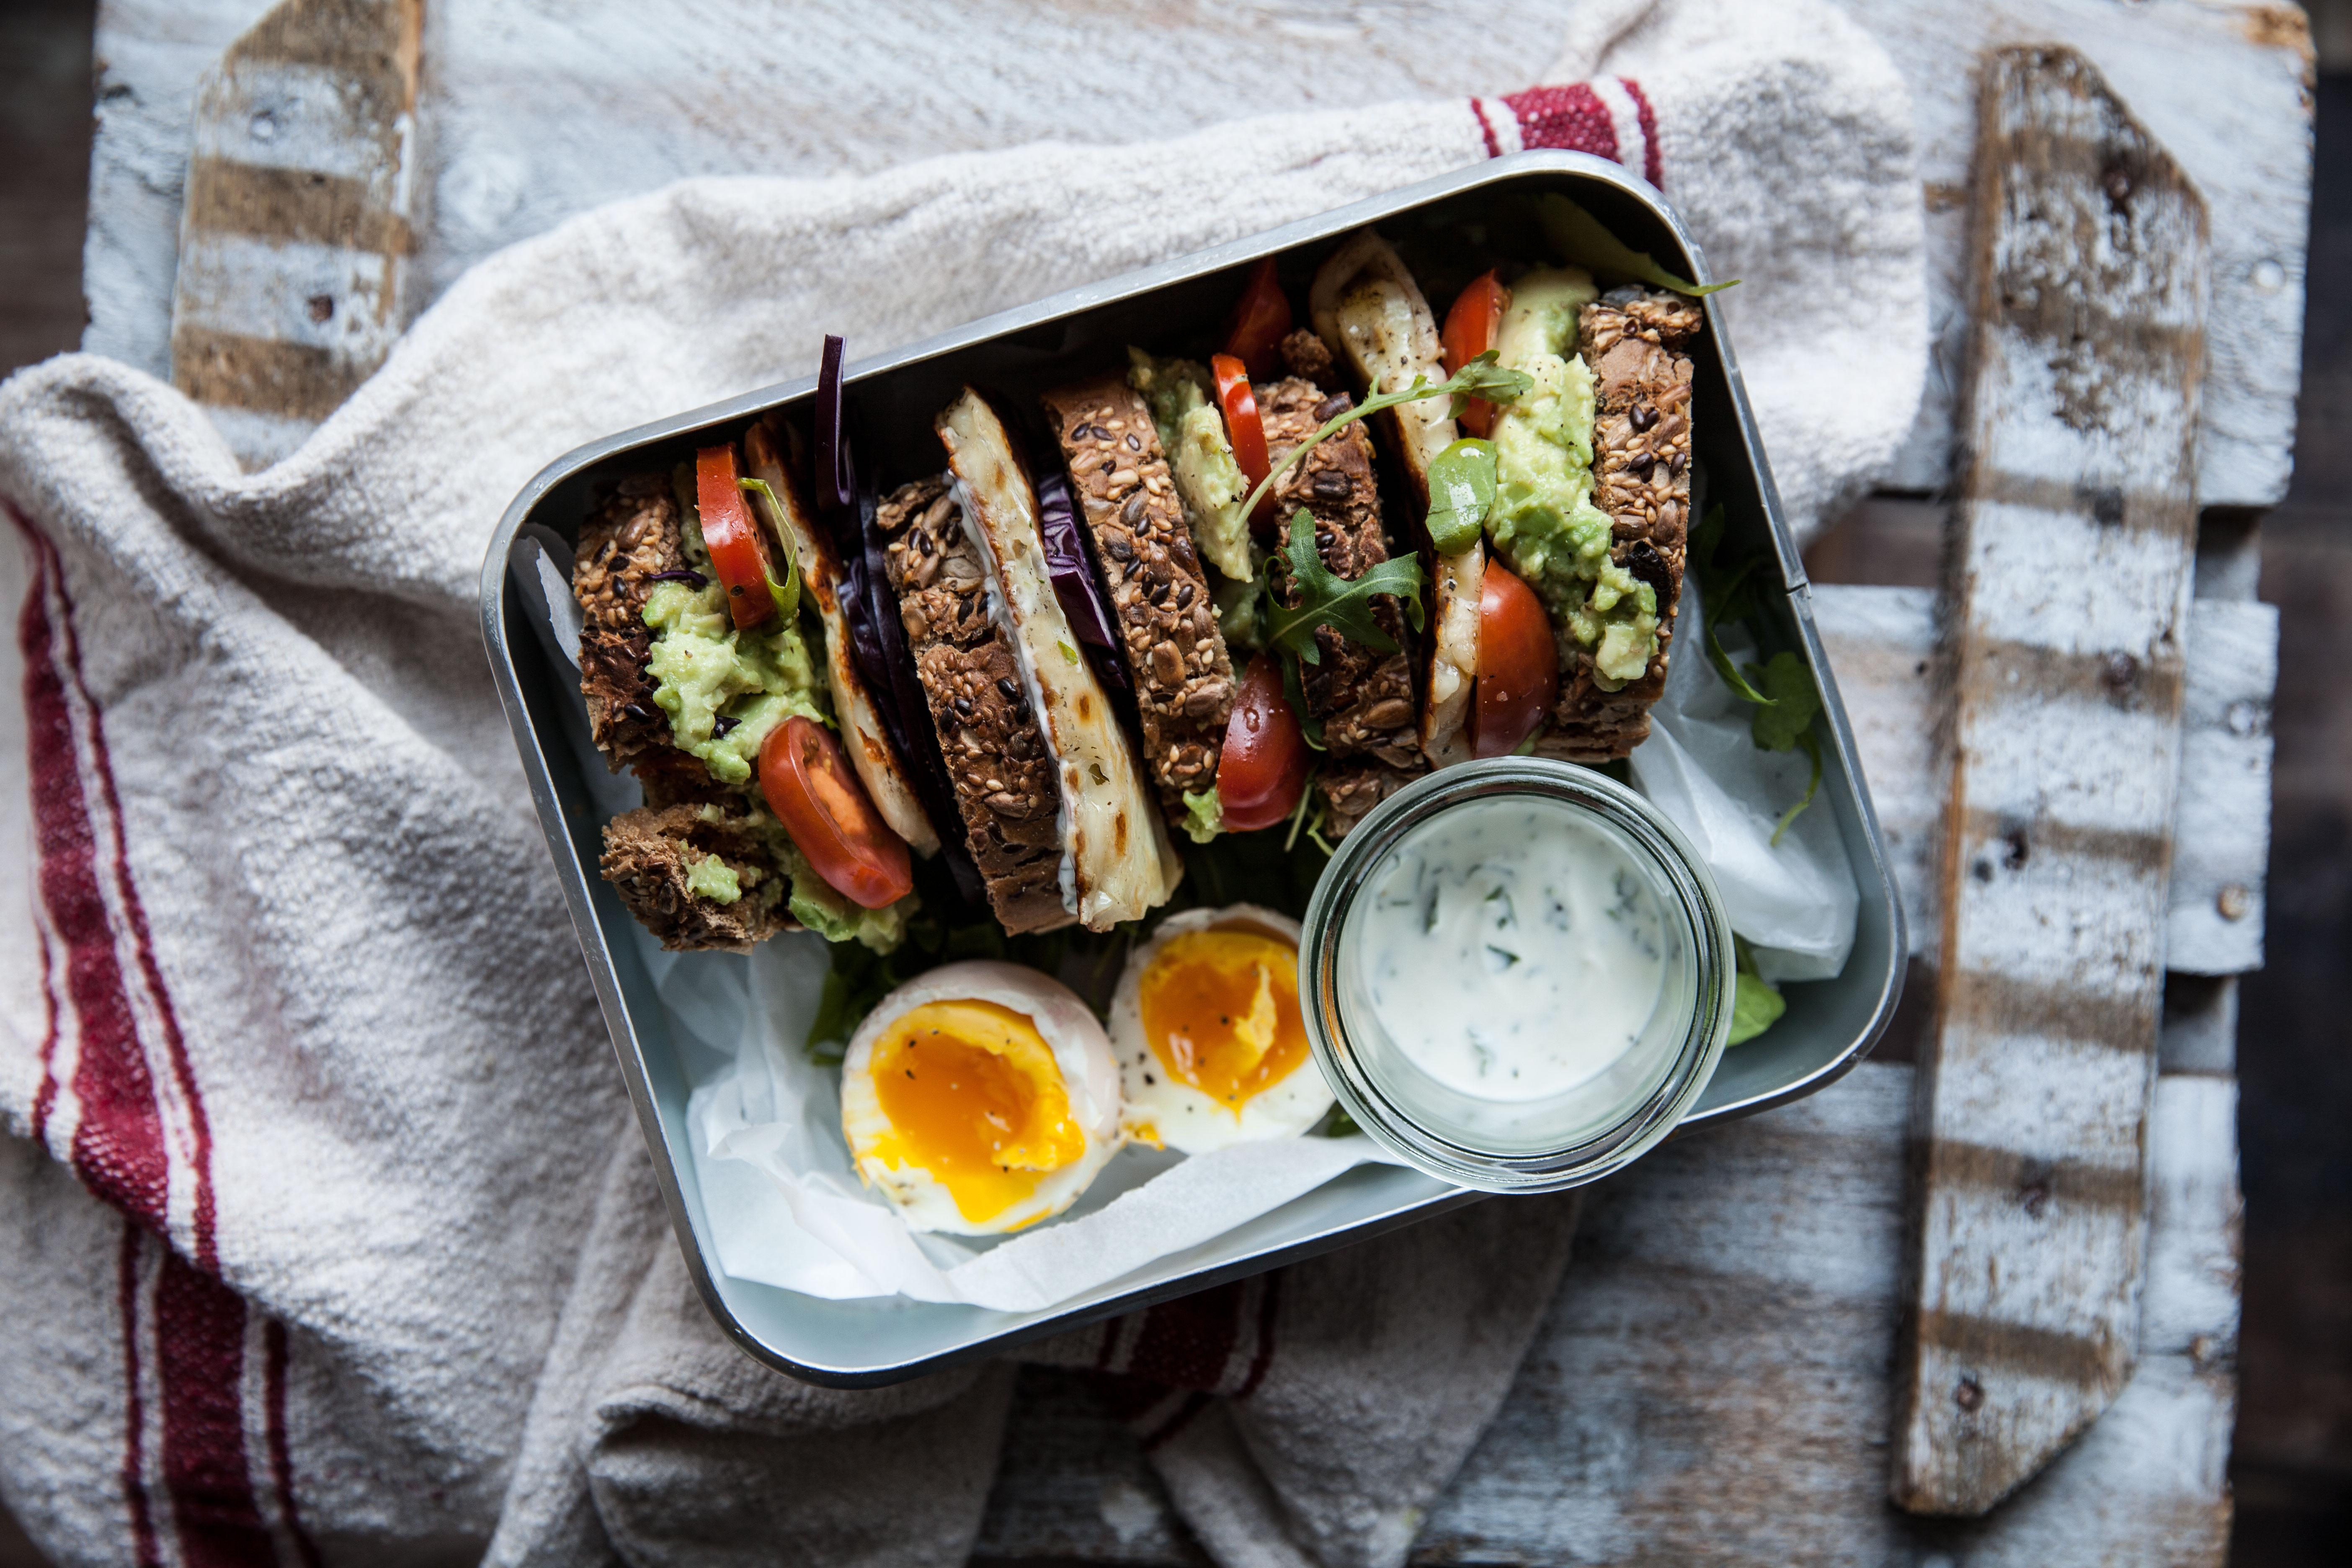 Sandwich-Fitnessbrot_ReschuFrisch_Foodtastic__MG_0205